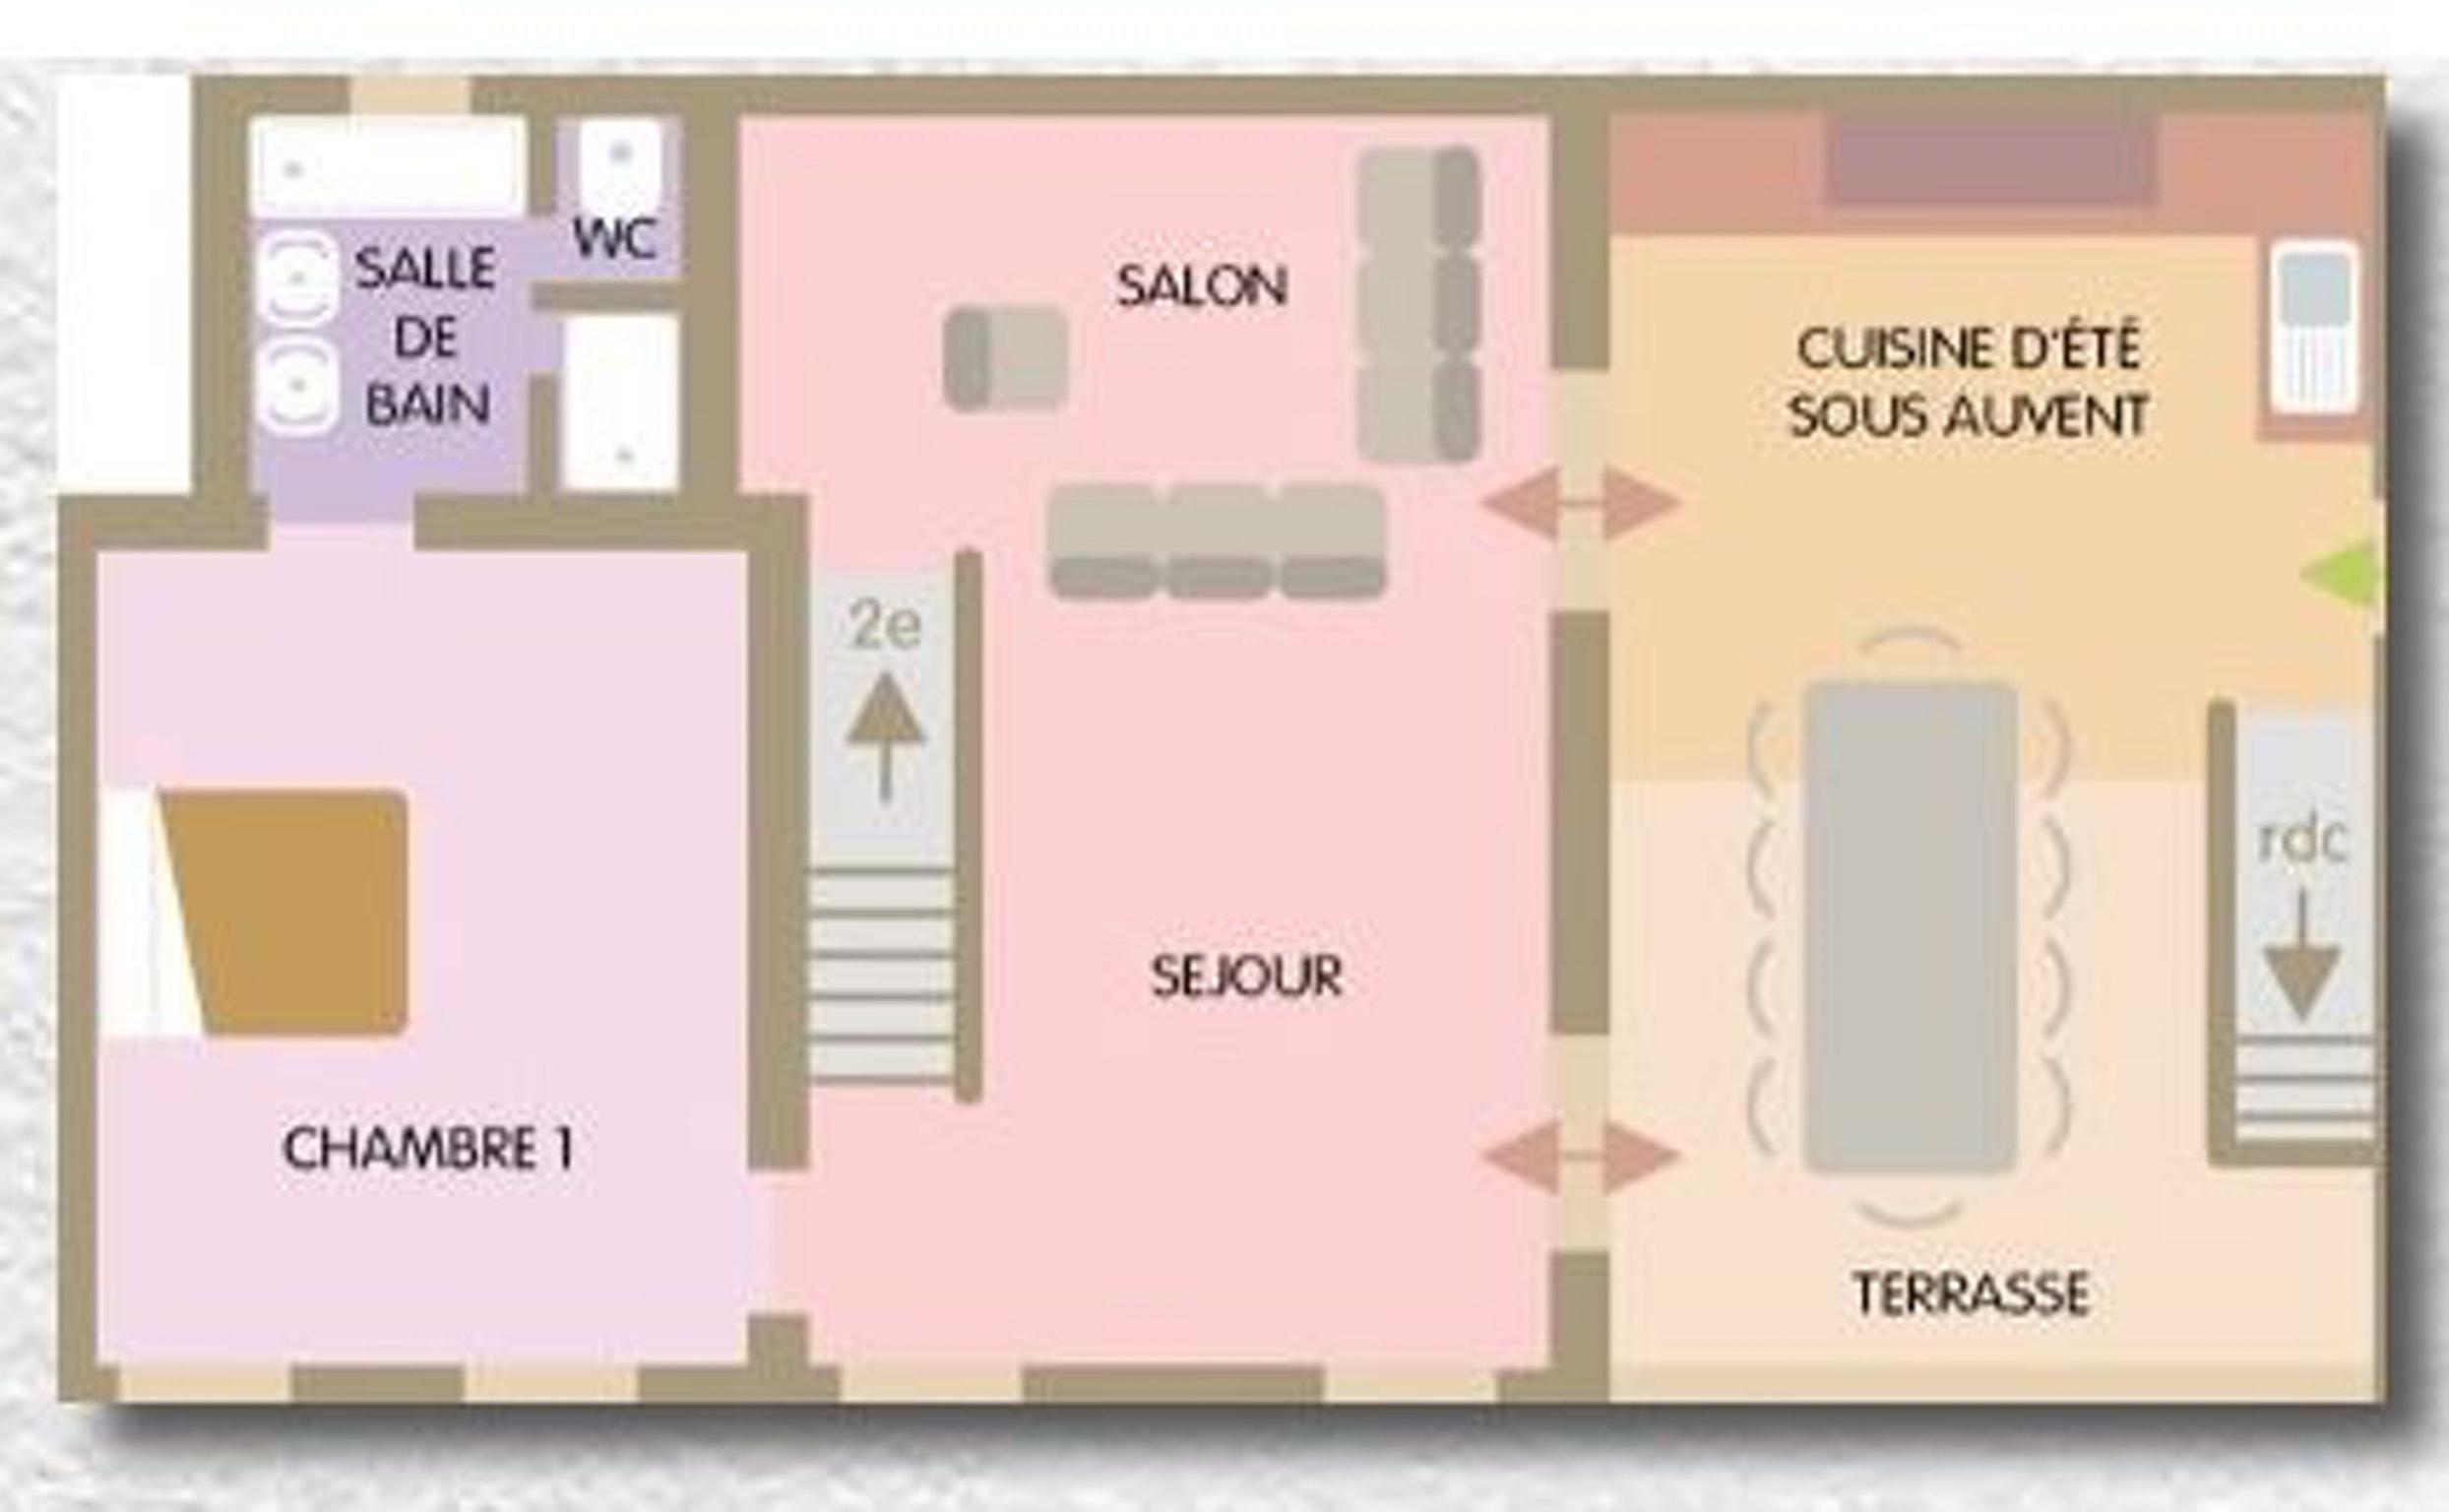 Maison de vacances Villa mit 5 Zimmern in La Garde-Freinet mit privatem Pool, Garten und W-LAN - 20 km vom St (2339879), La Garde Freinet, Côte d'Azur, Provence - Alpes - Côte d'Azur, France, image 28